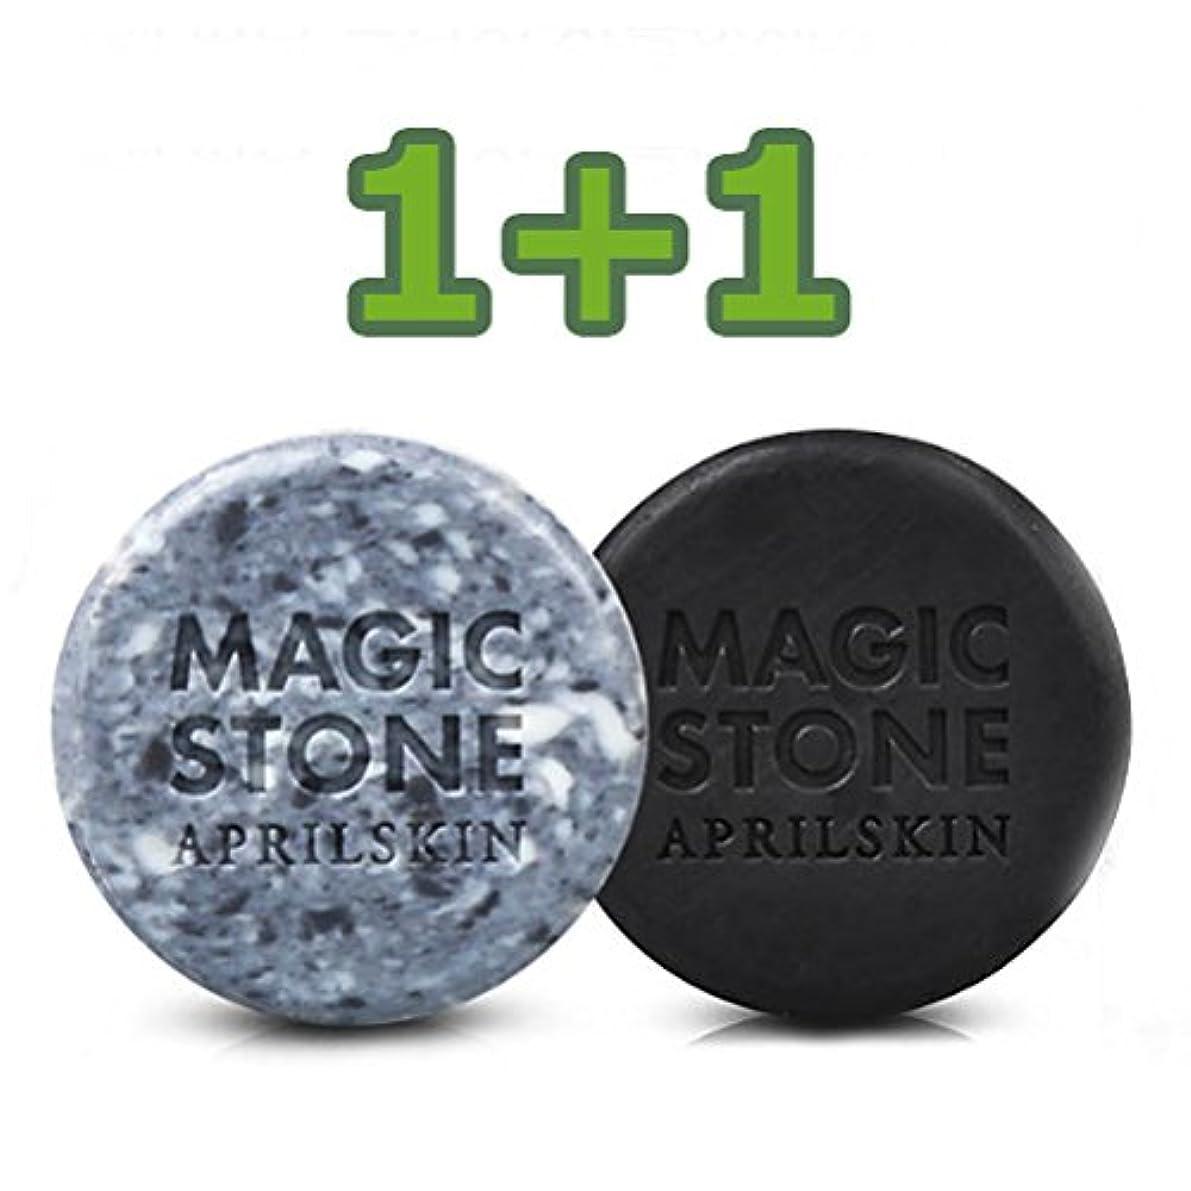 ながらの頭の上適性エイプリルスキン マジックストーンソープ オリジナル&ブラック (Aprilskin Magic Stone Soap Original & Black) 90g * 2個 / 正品?海外直送商品